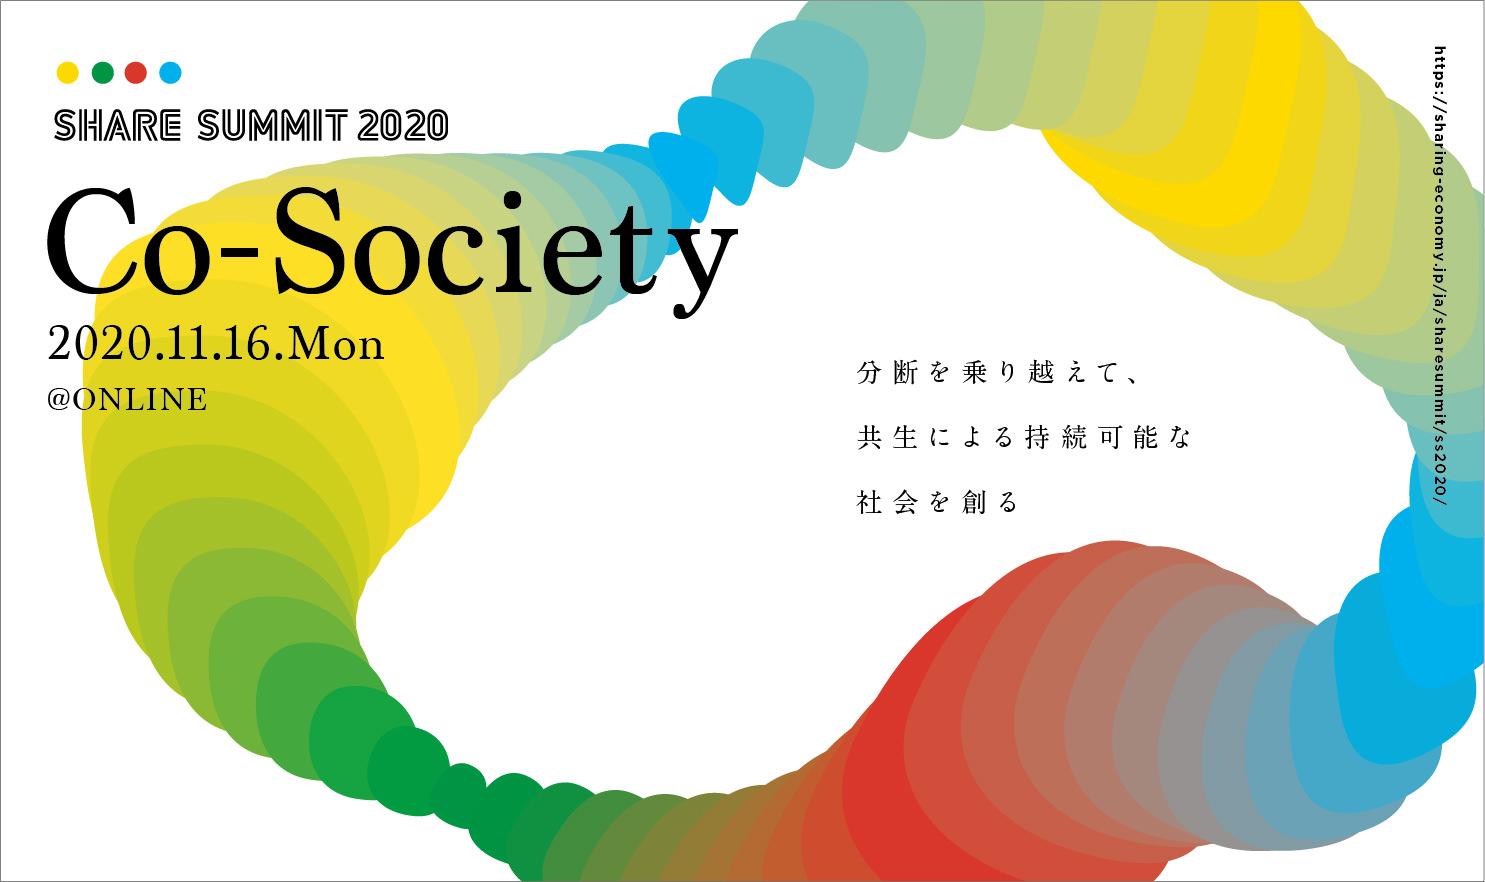 SHARE SUMMIT 2020 個人スポンサー(1万円)を30名限定で募集開始(応募は11月6日まで)